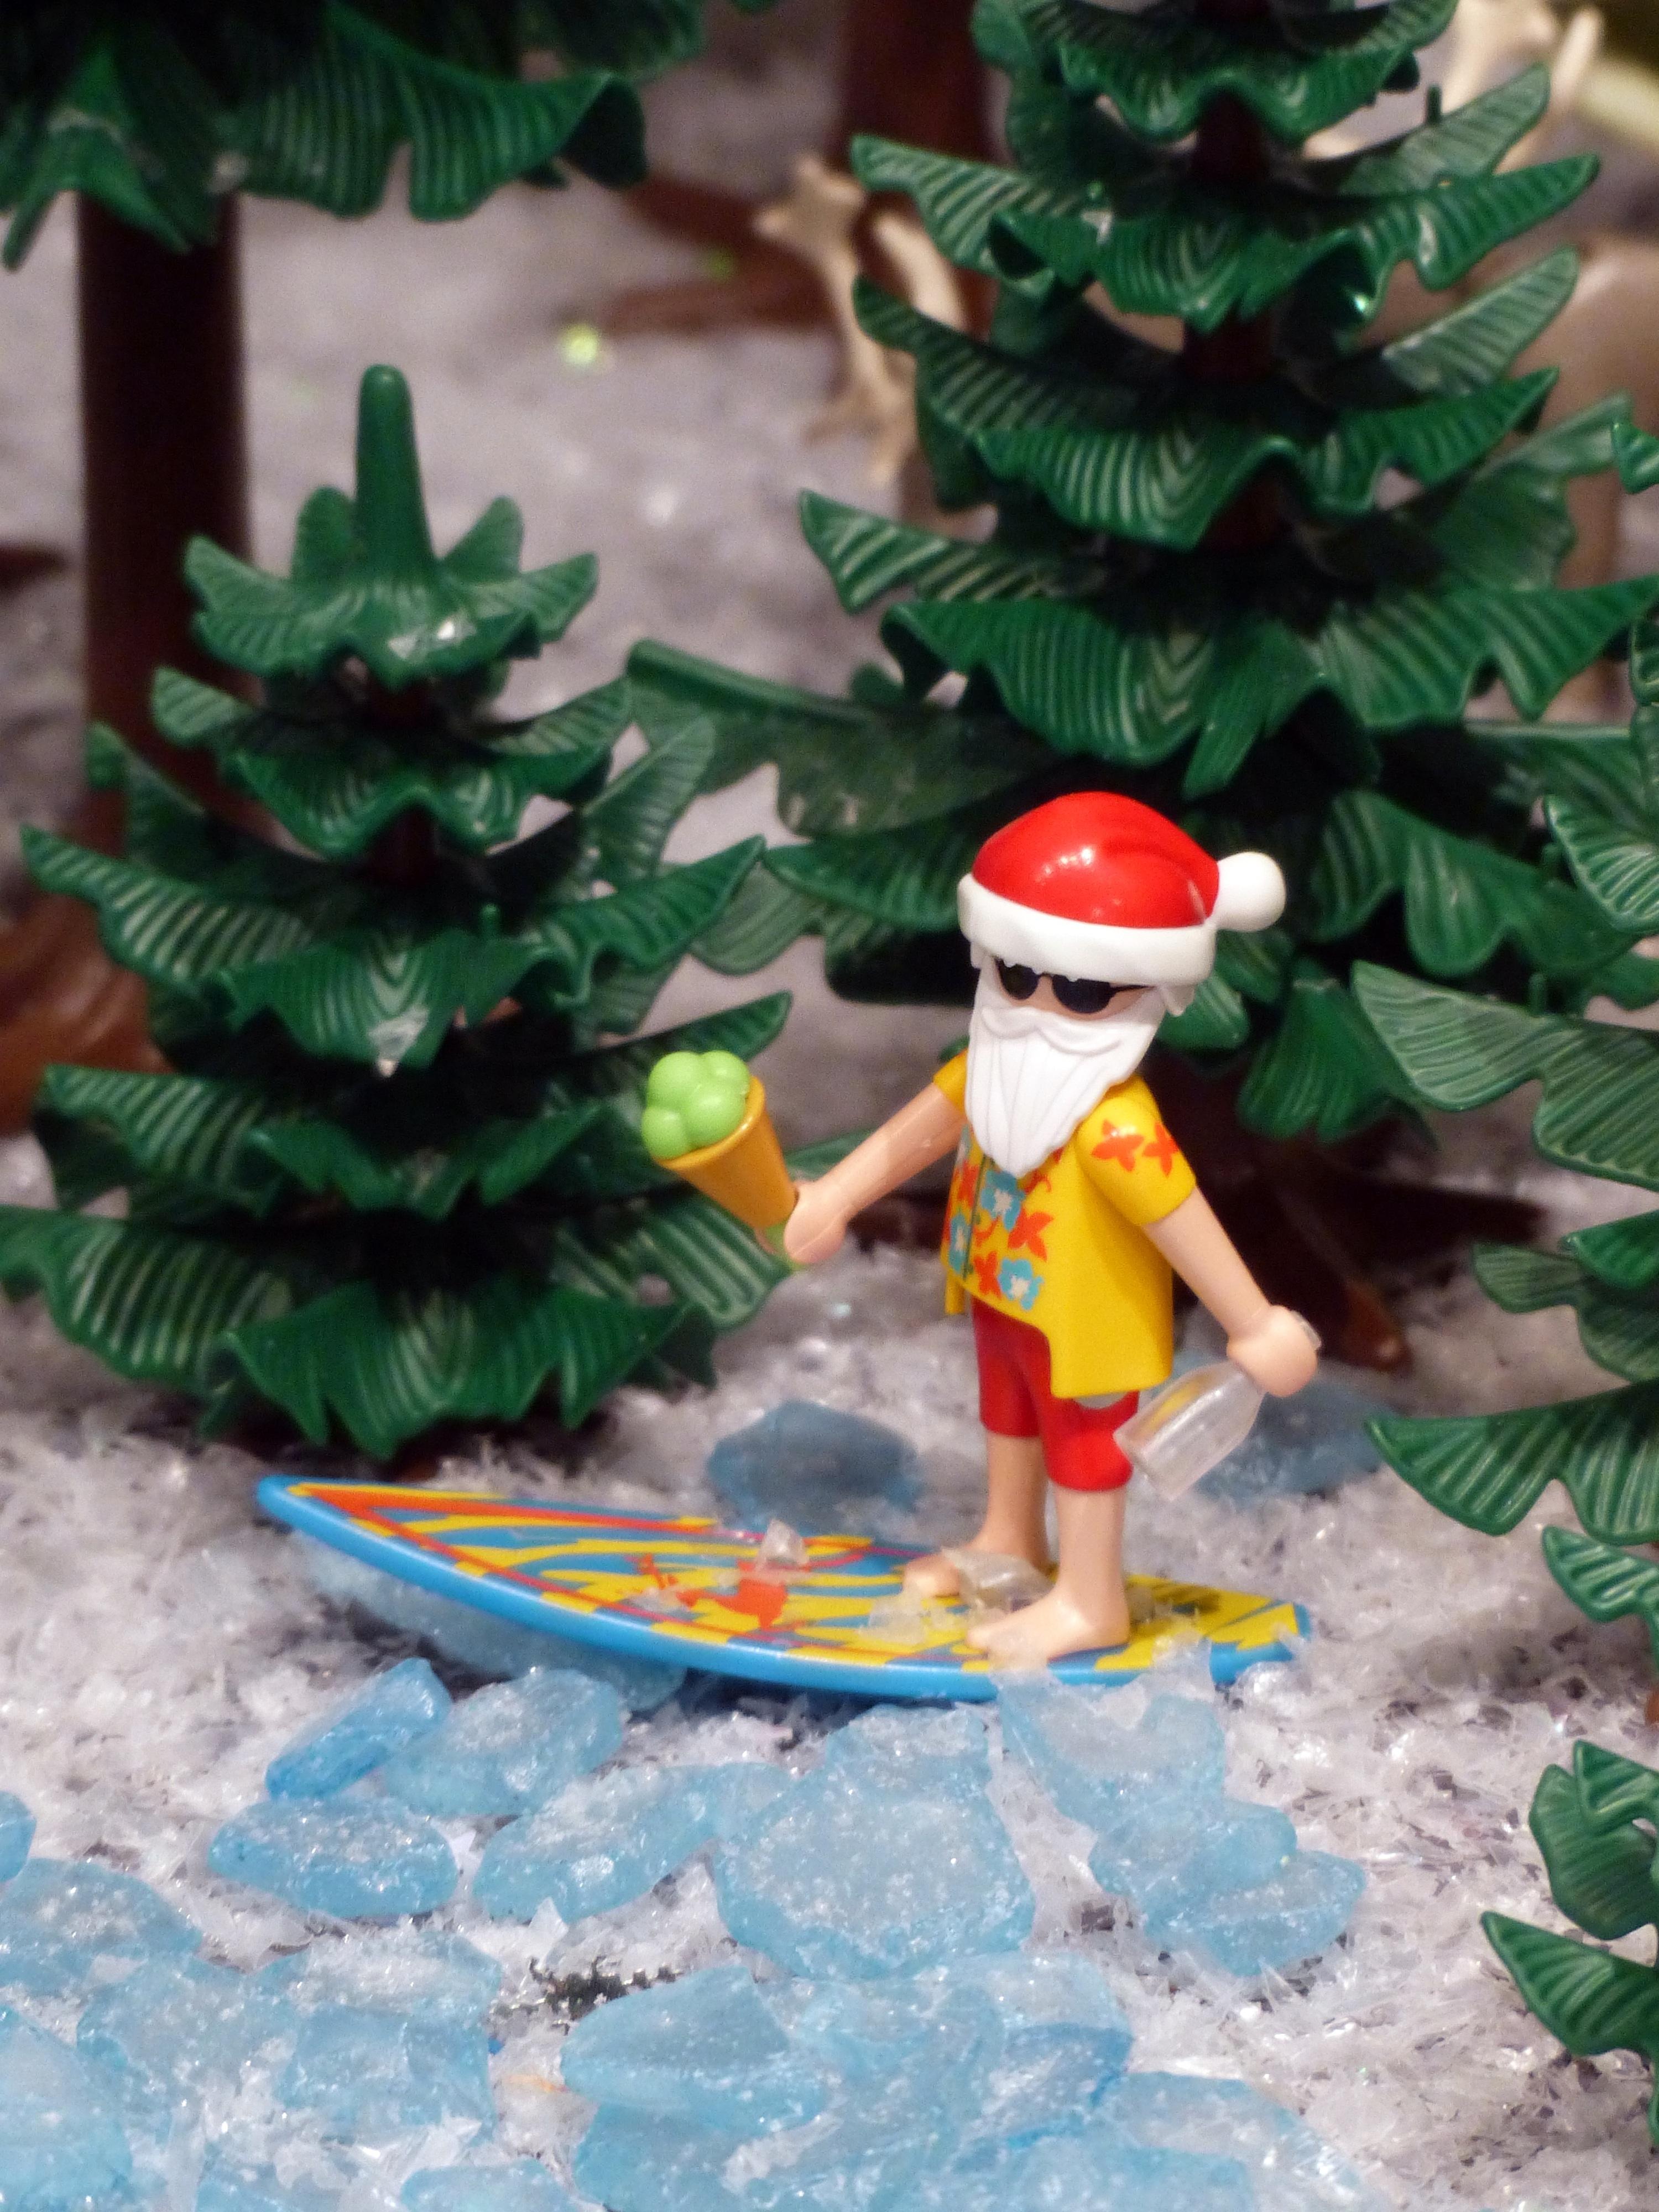 Playmobil Weihnachtsbaum.Kostenlose Foto Surfen Weihnachten Weihnachtsbaum Playmobil